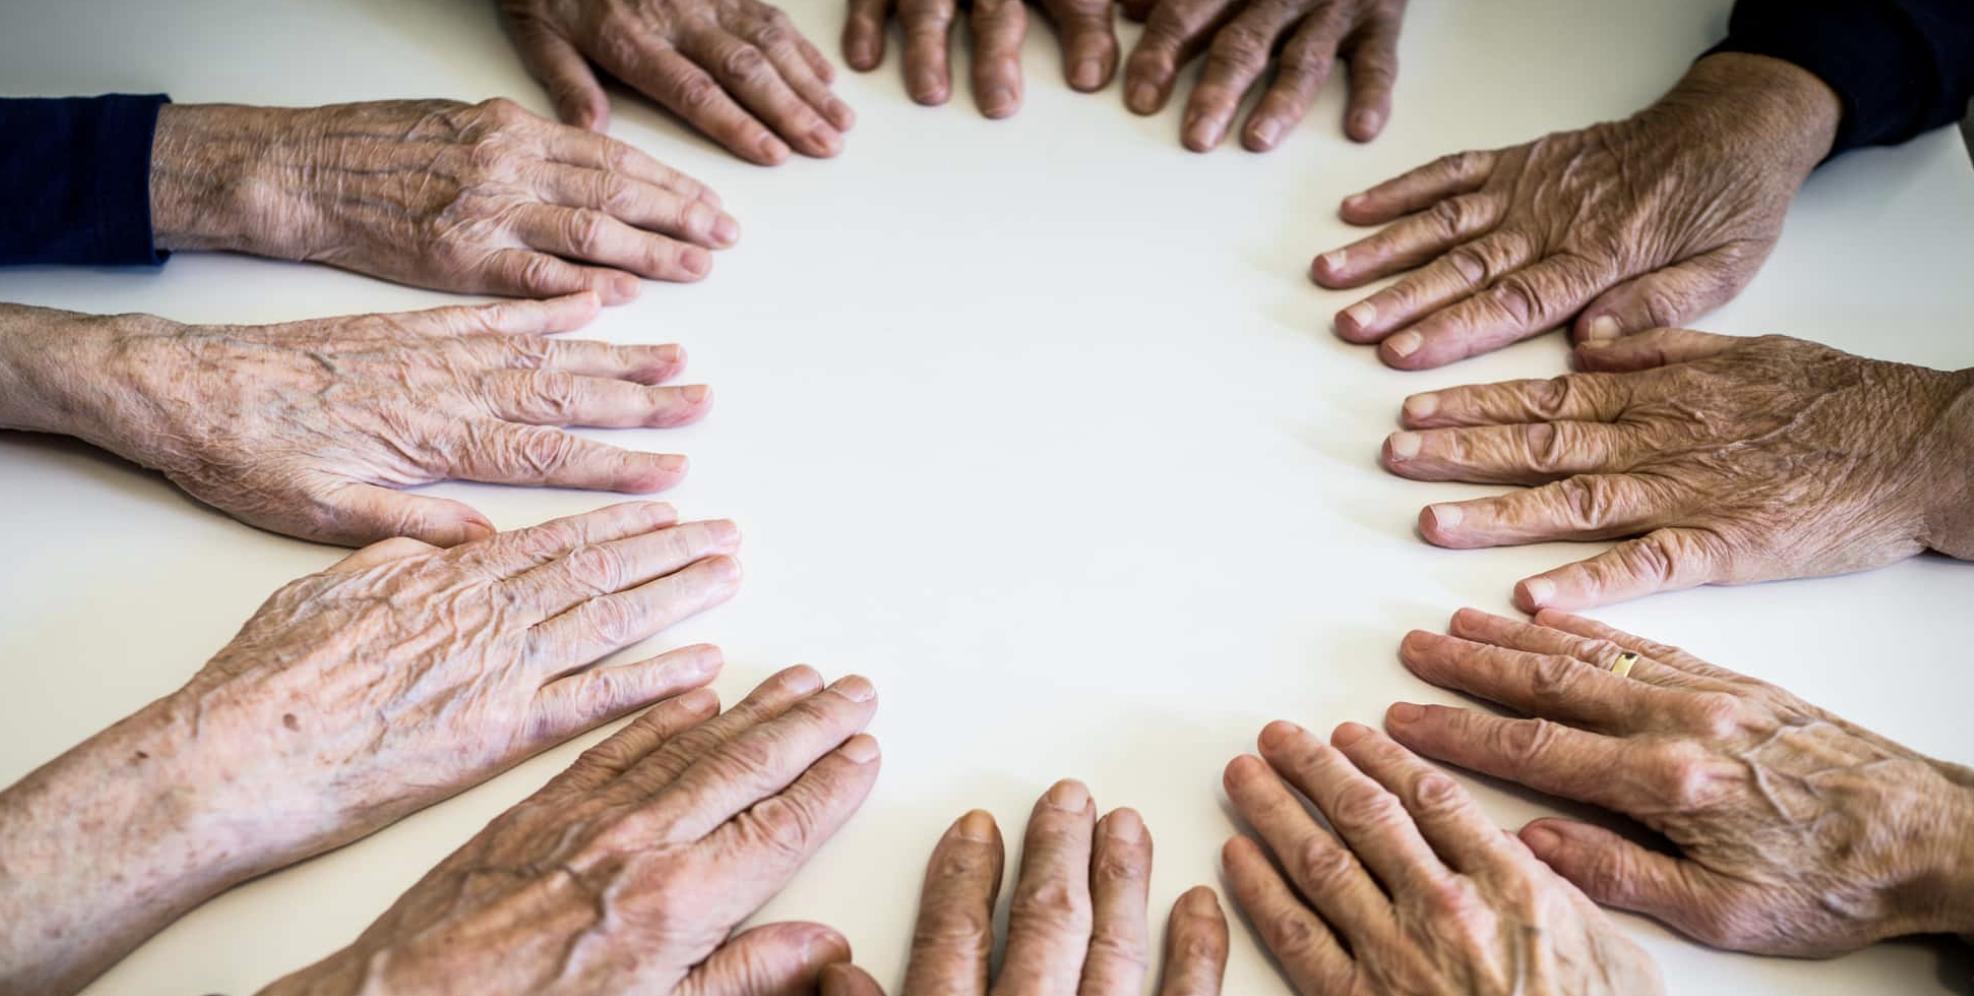 Възрастните достигат 1/4 от населението през 2050 г.